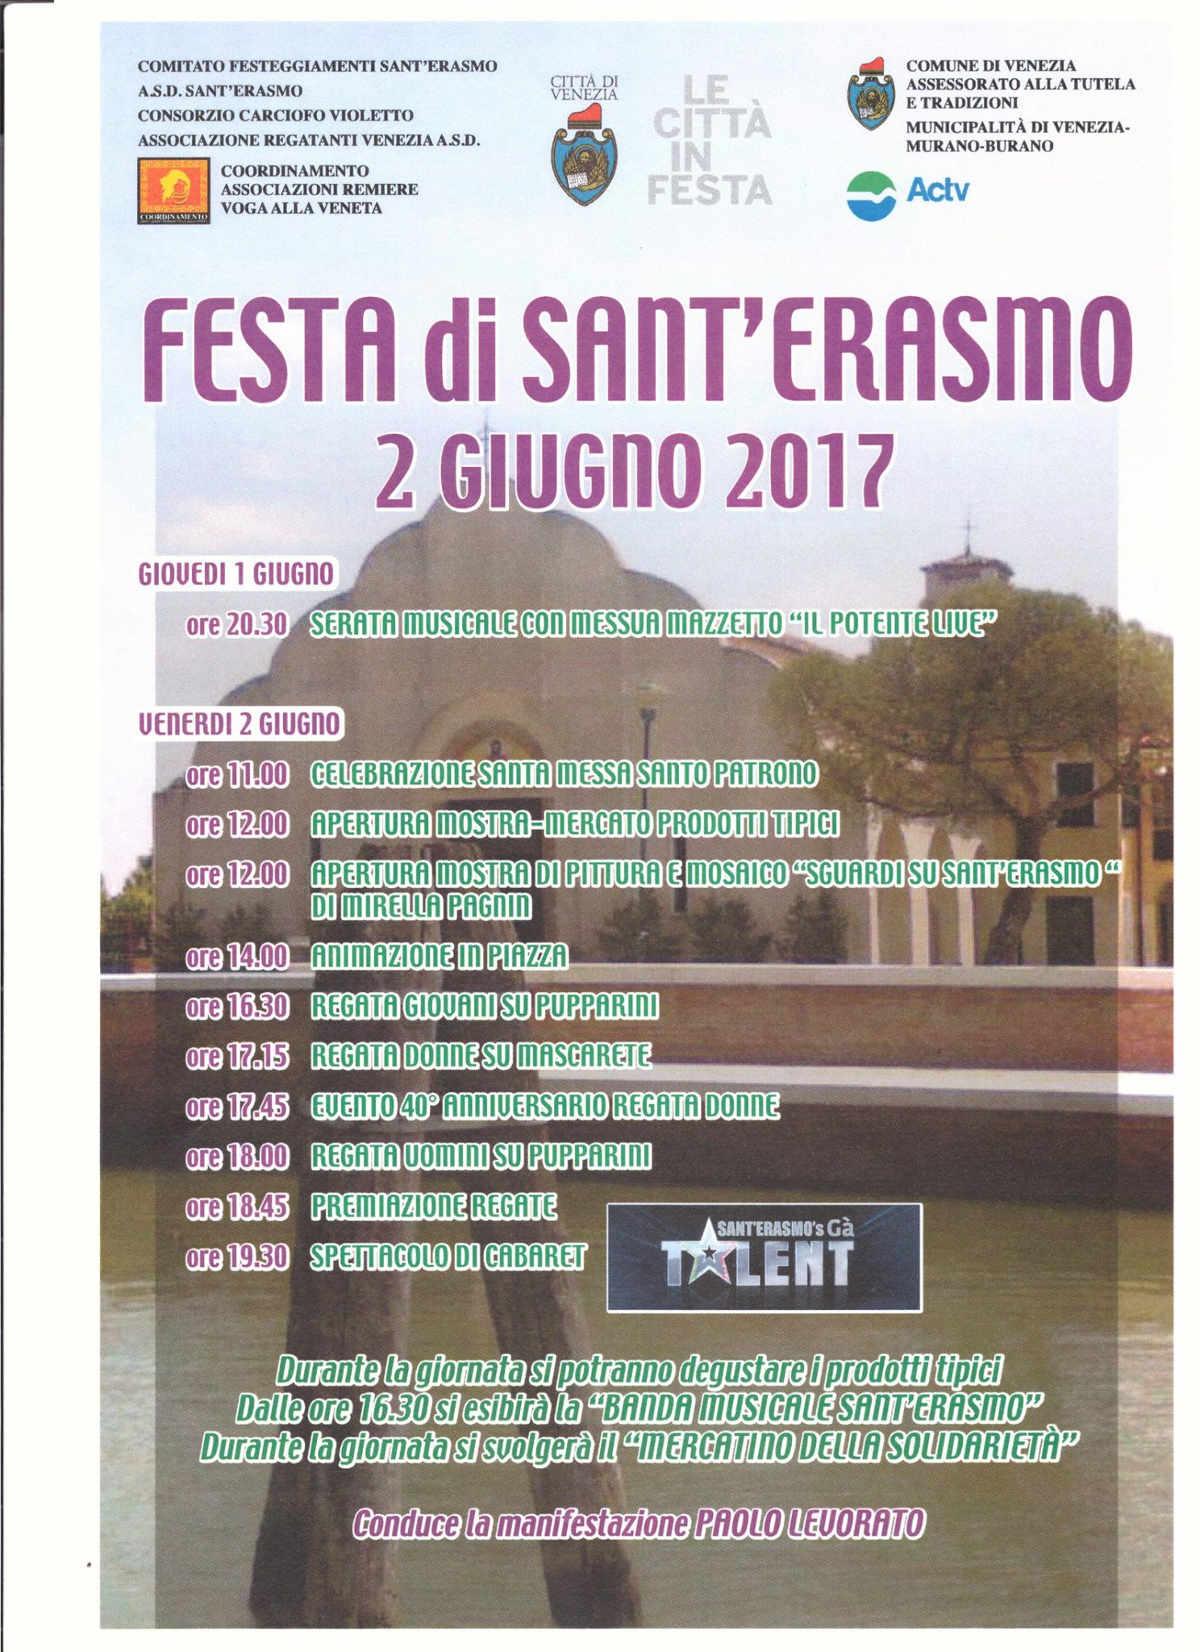 Festa di Sant'Erasmo programma 2019